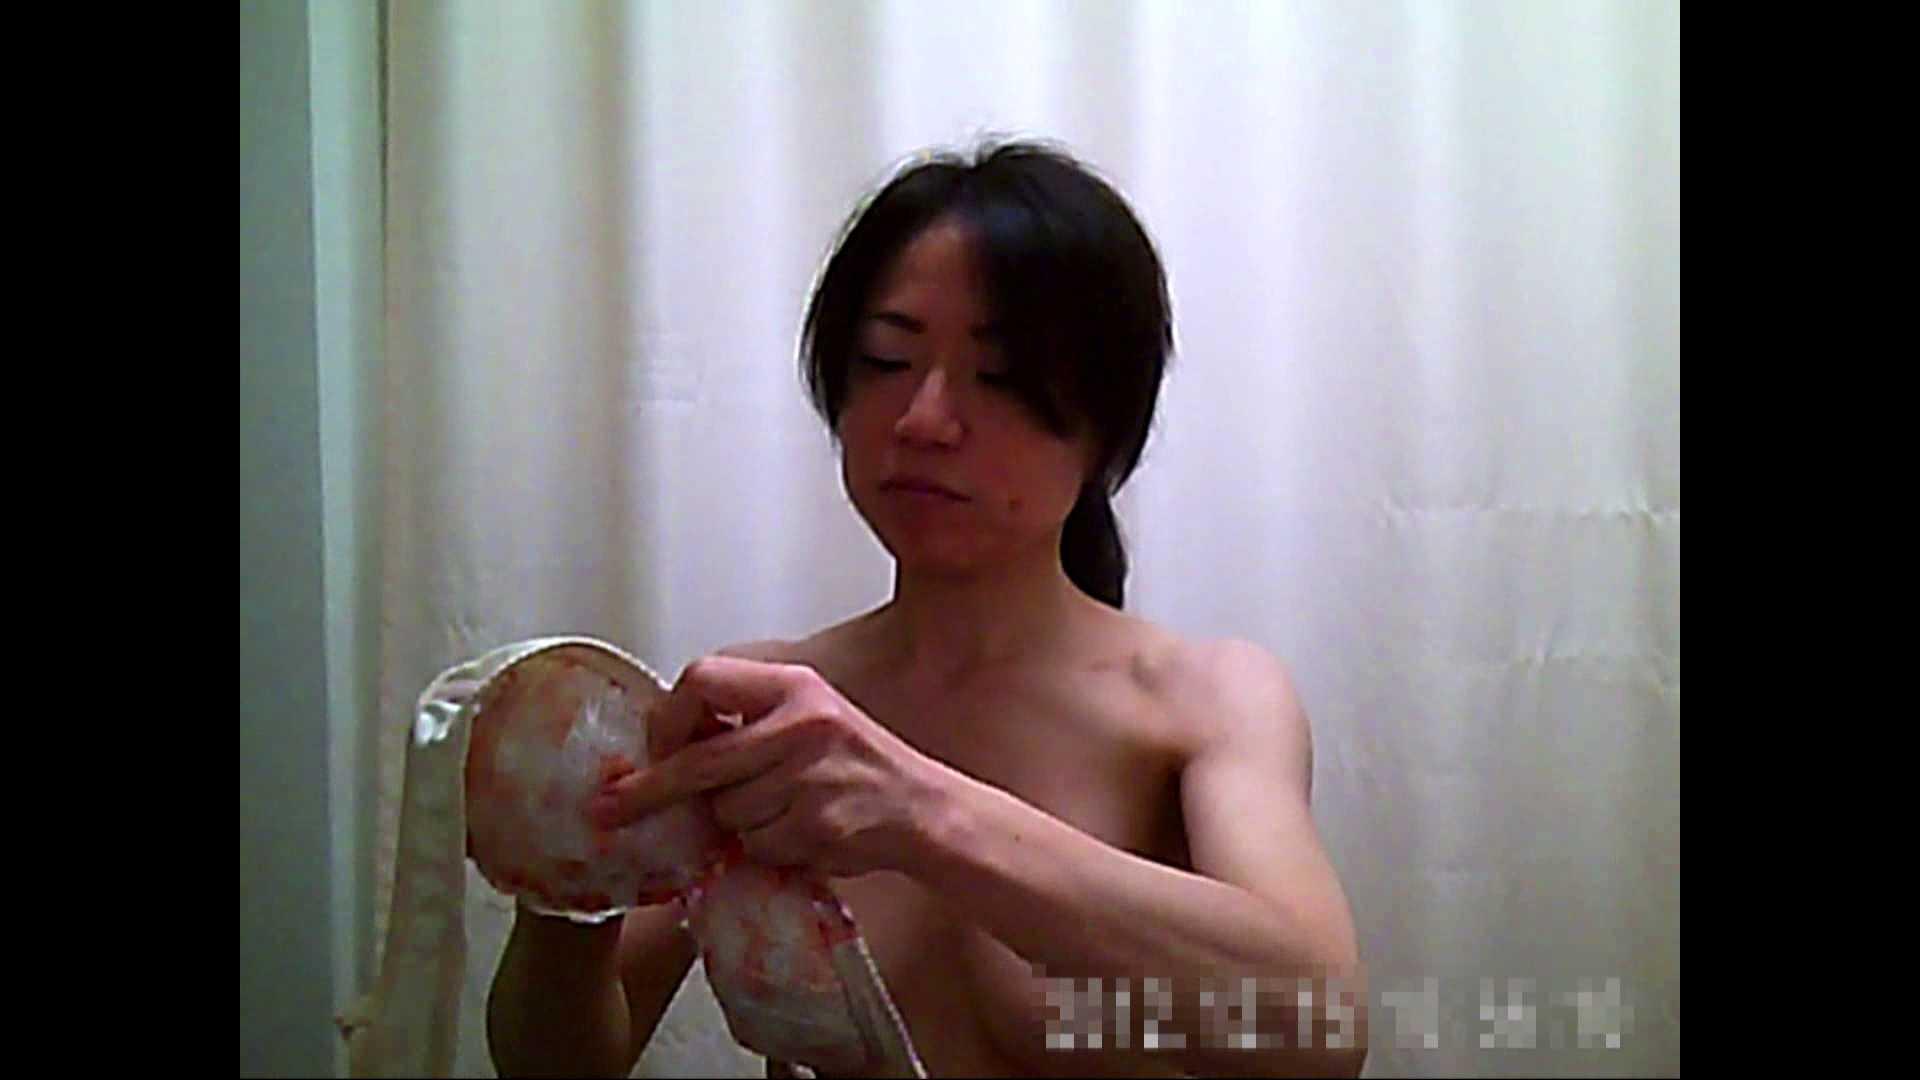 元医者による反抗 更衣室地獄絵巻 vol.117 OL  102pic 31